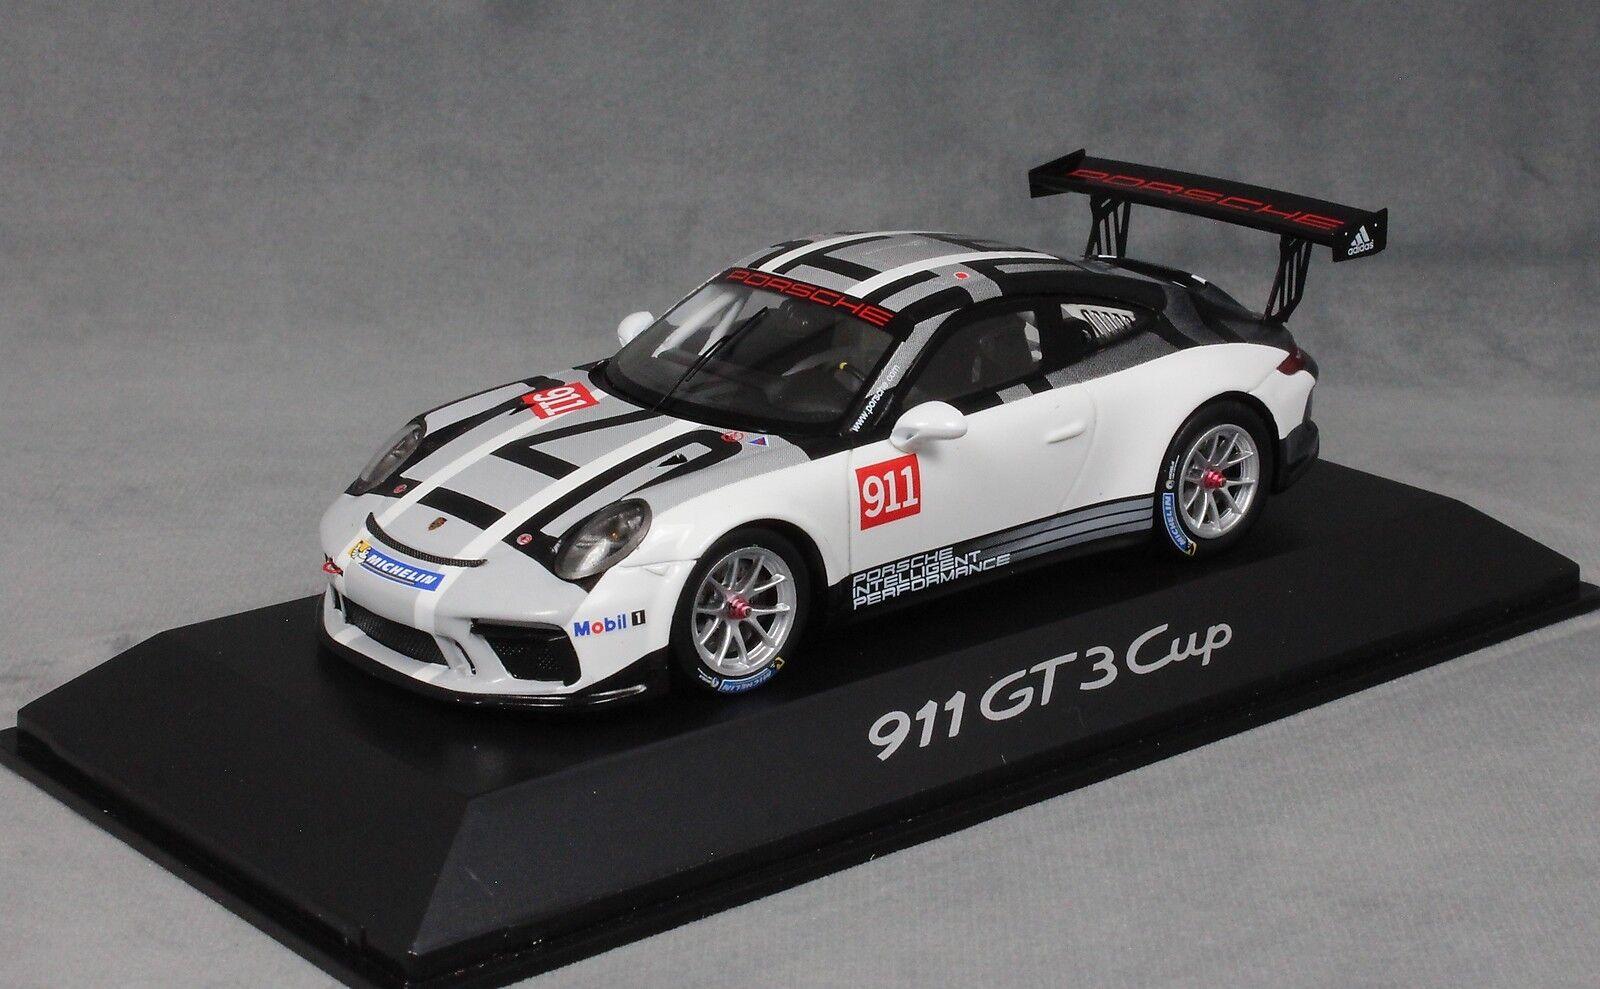 Spark Porsche 911 991 GT3 2017 Carrera Cup Promotional voiture WAP0201500H 1 43 NEUF